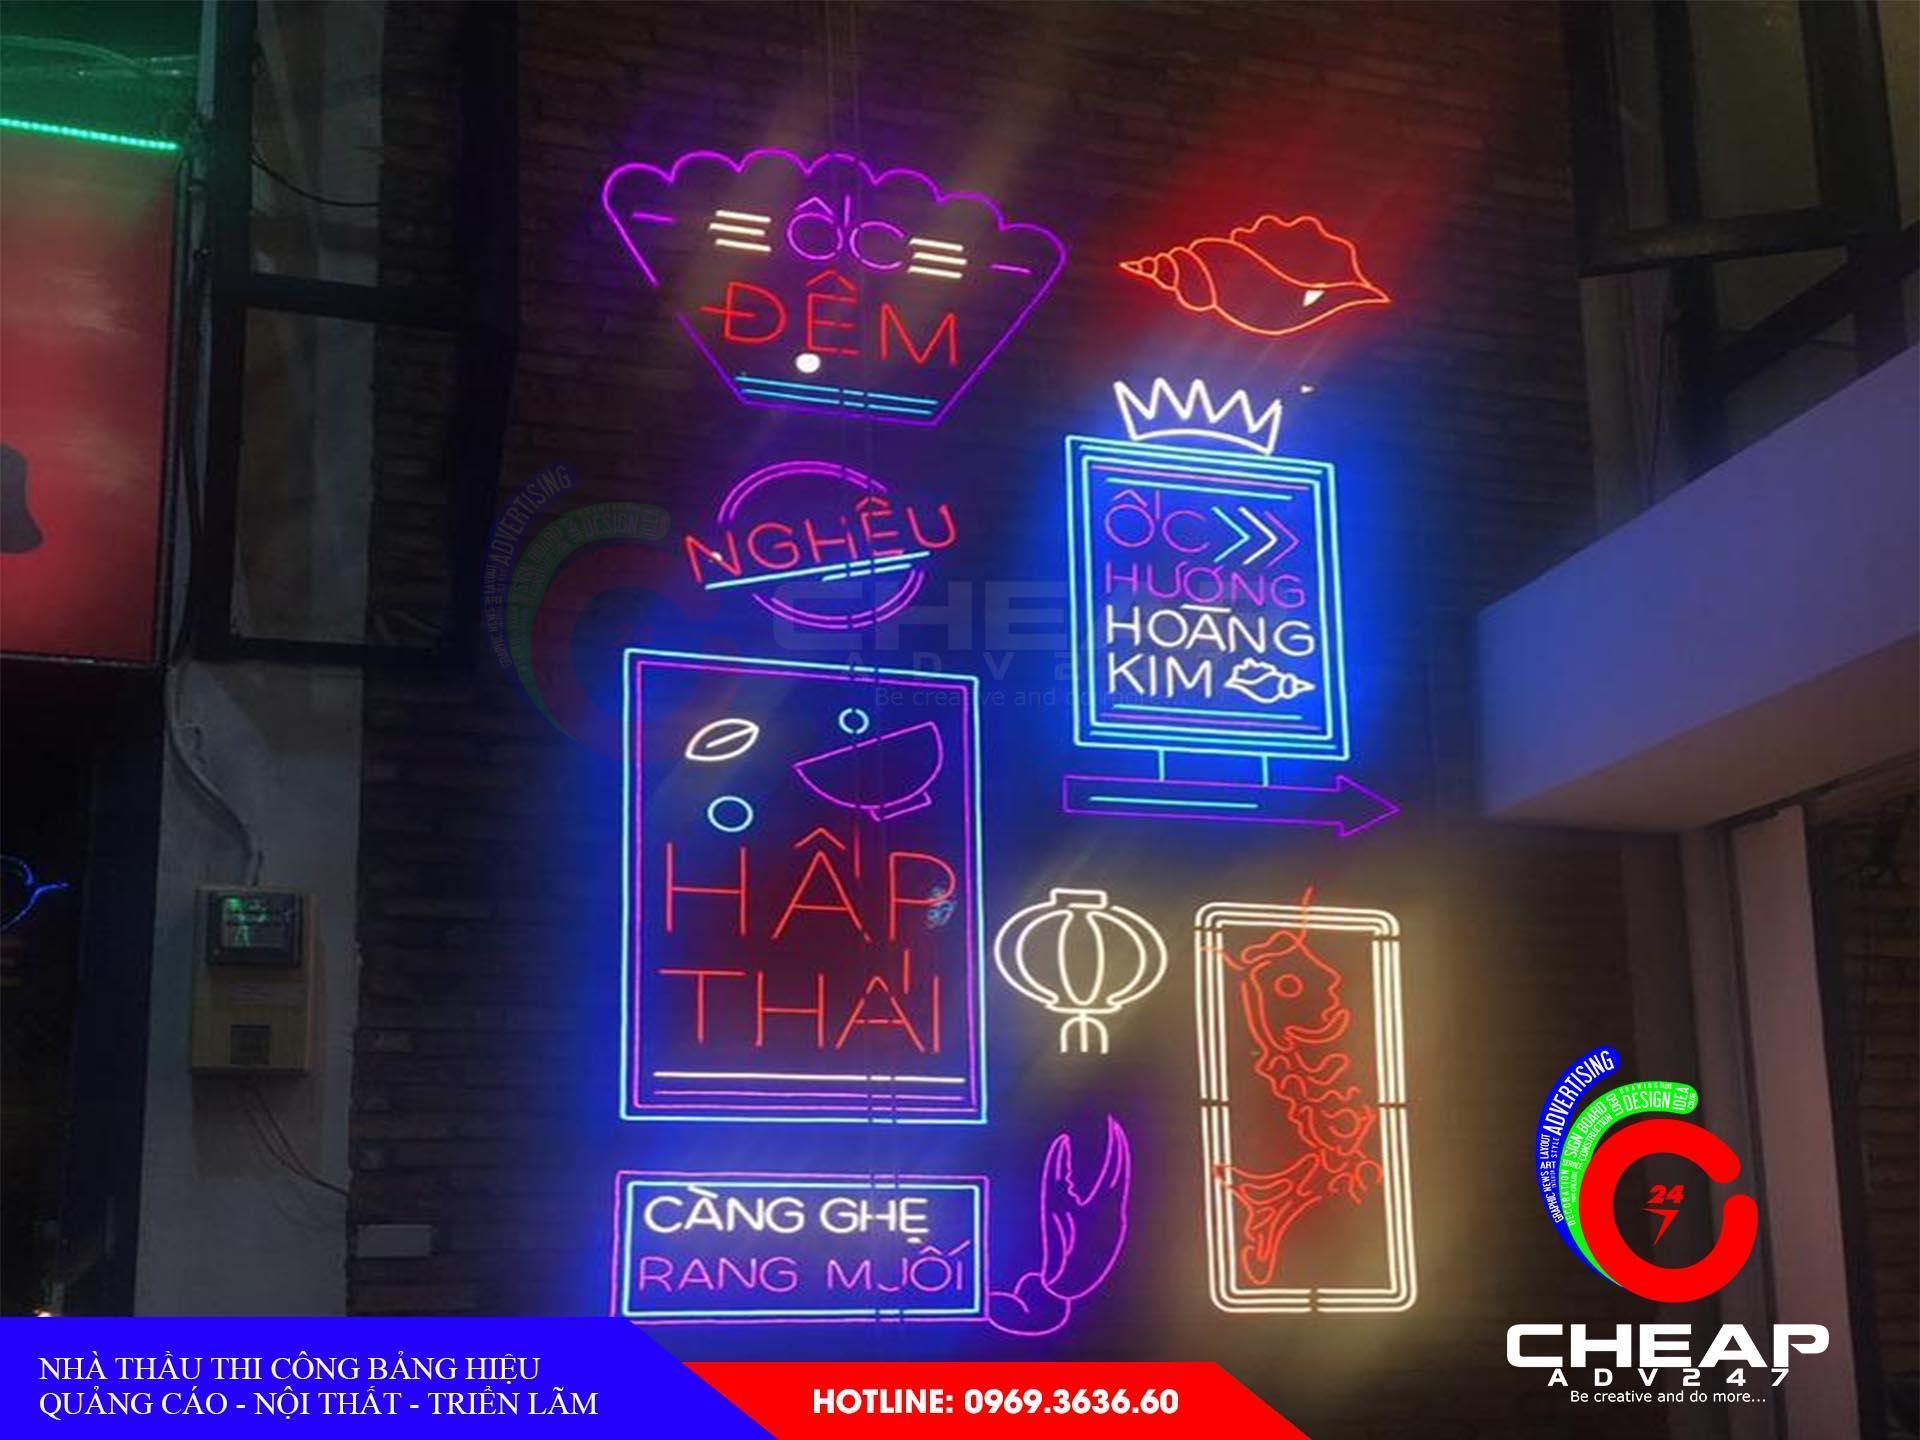 Làm bảng hiệu neon sign tại cheapadv247